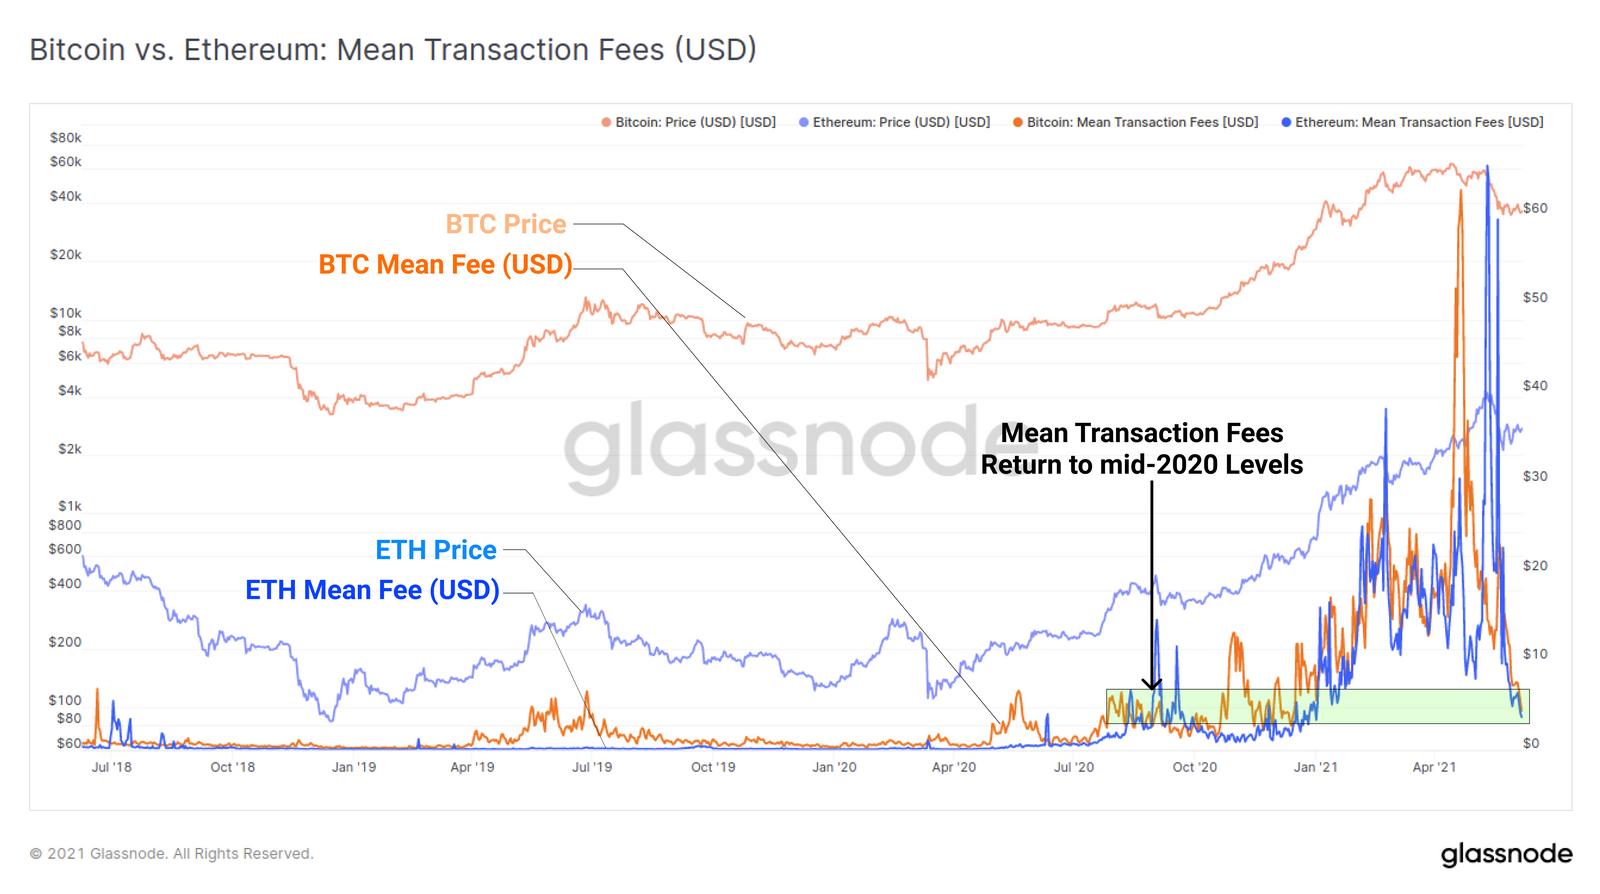 Cena Bitcoinu kolísá, ale on-chain data ukazují na novou akumulaci